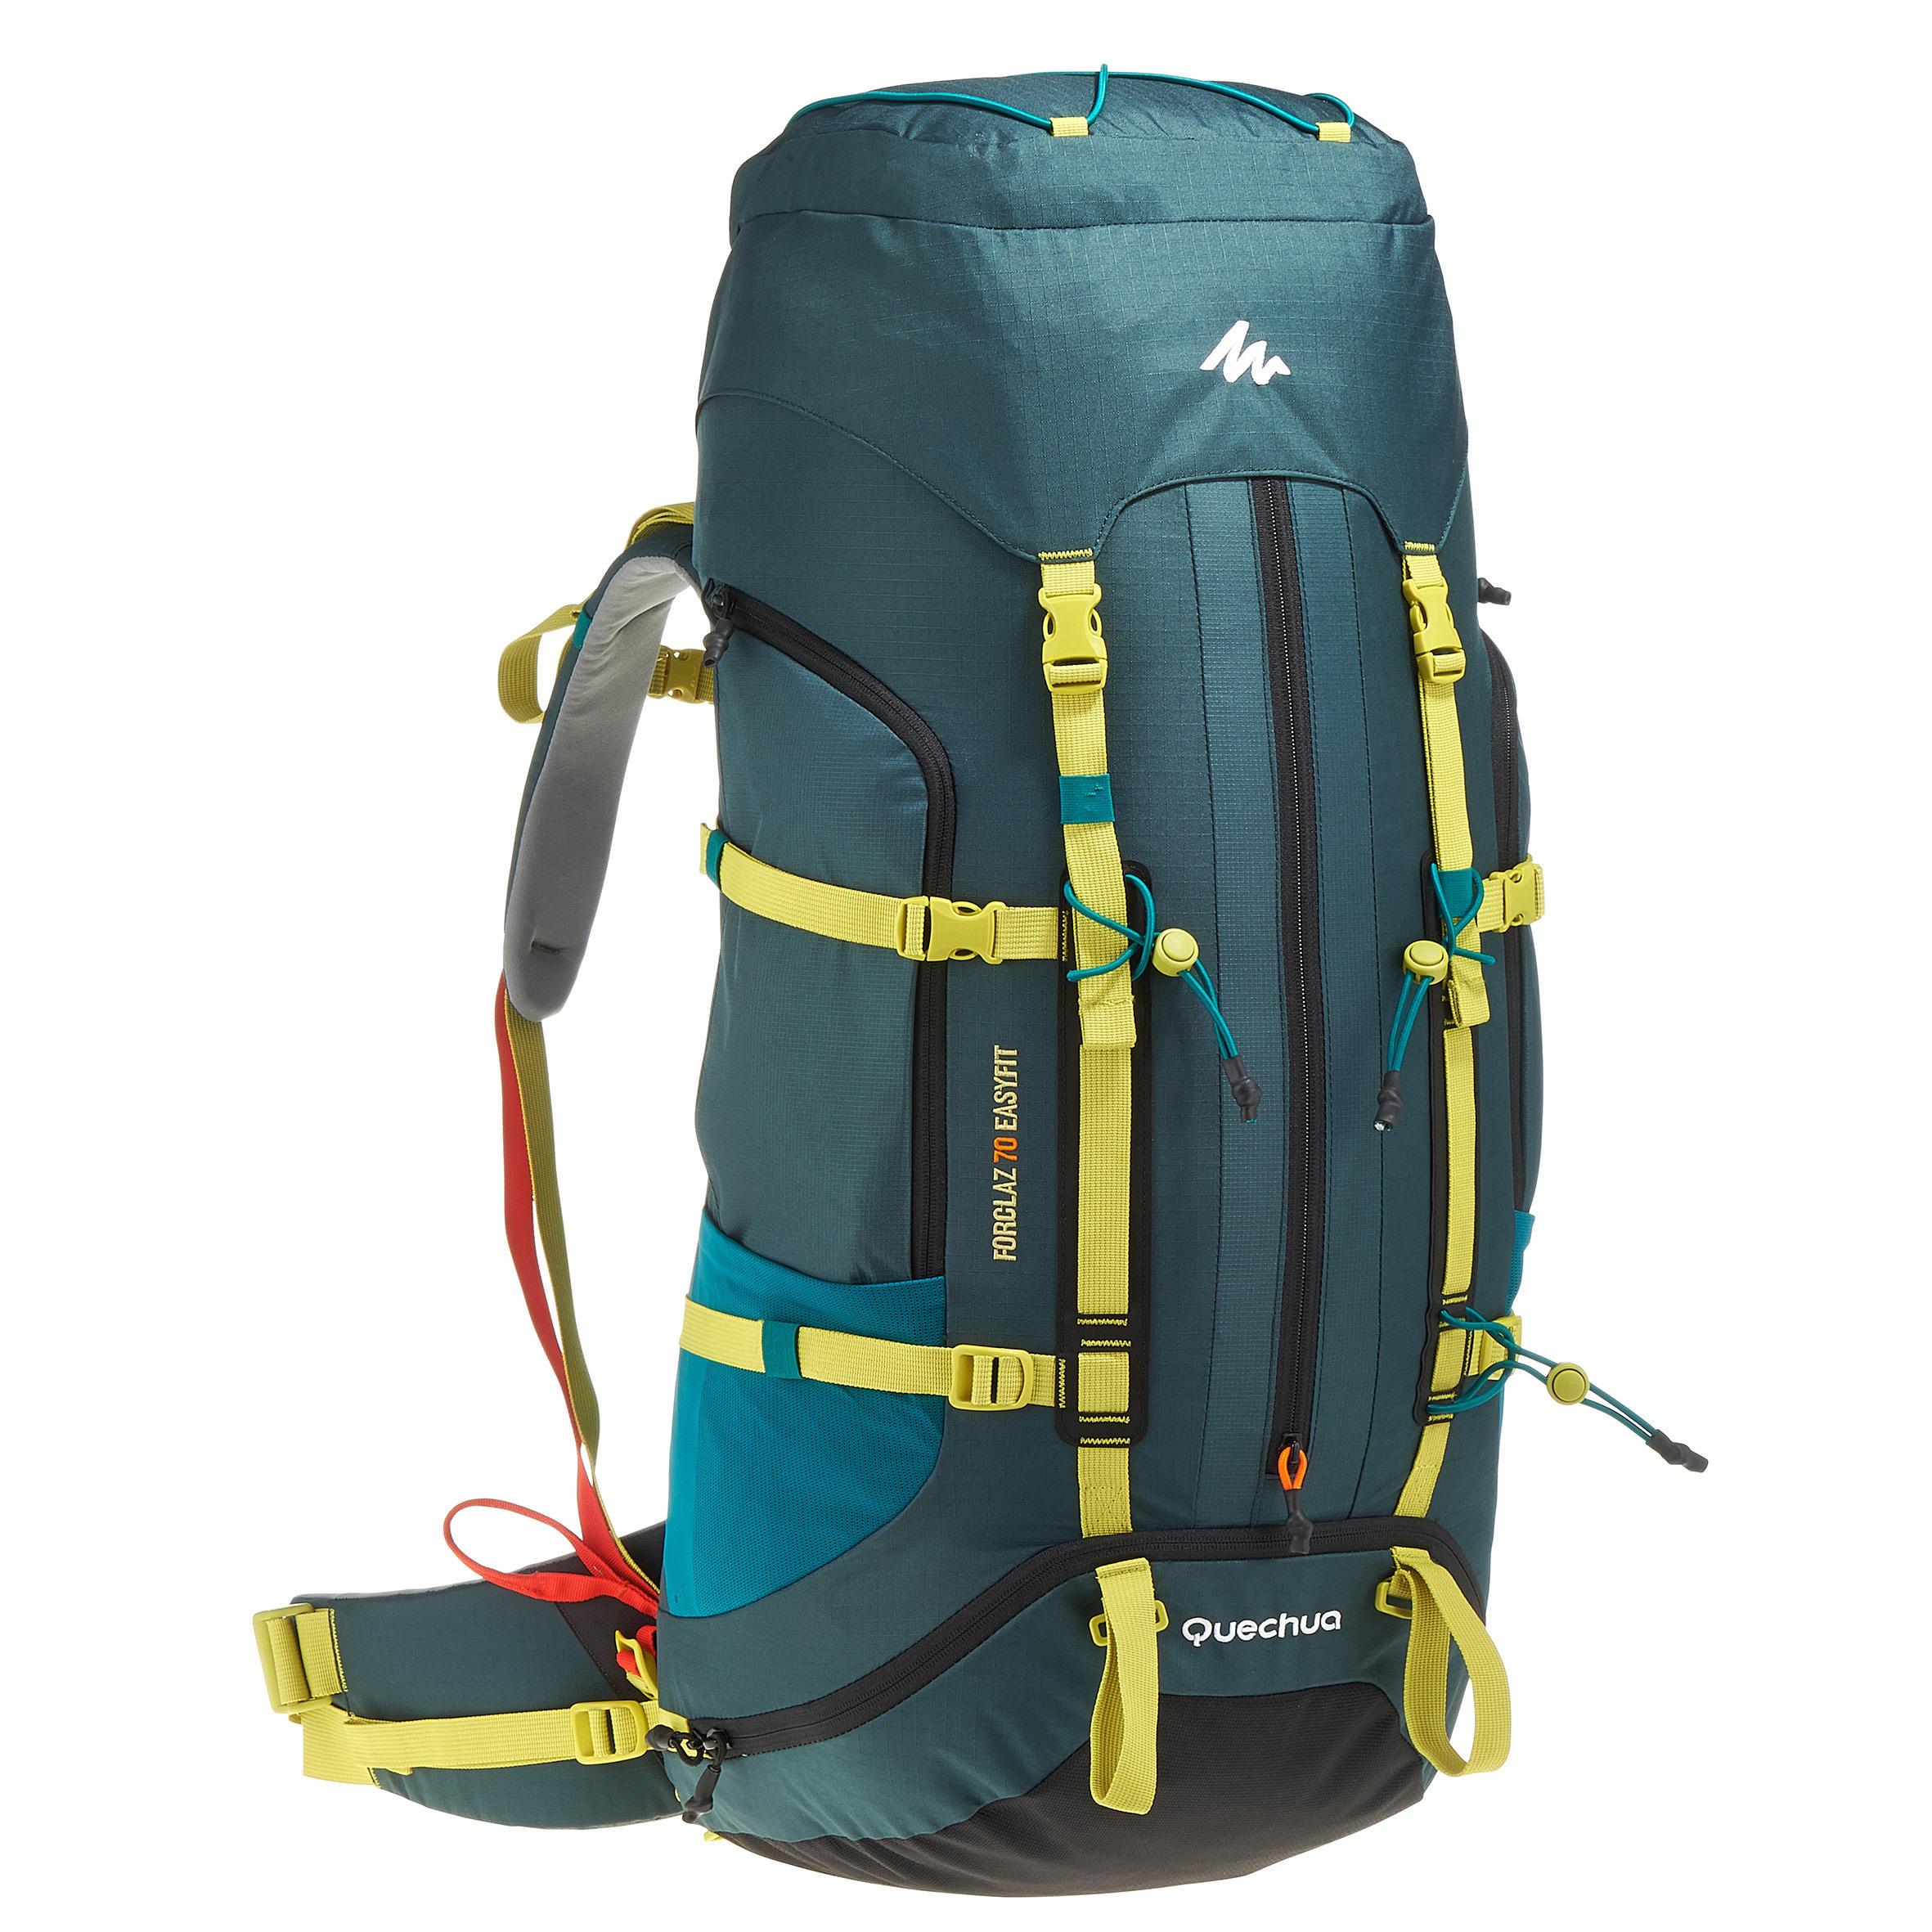 a56116d0e Mochila de Montaña y Trekking Forclaz Easyfit 70 Litros Hombre Azul Quechua